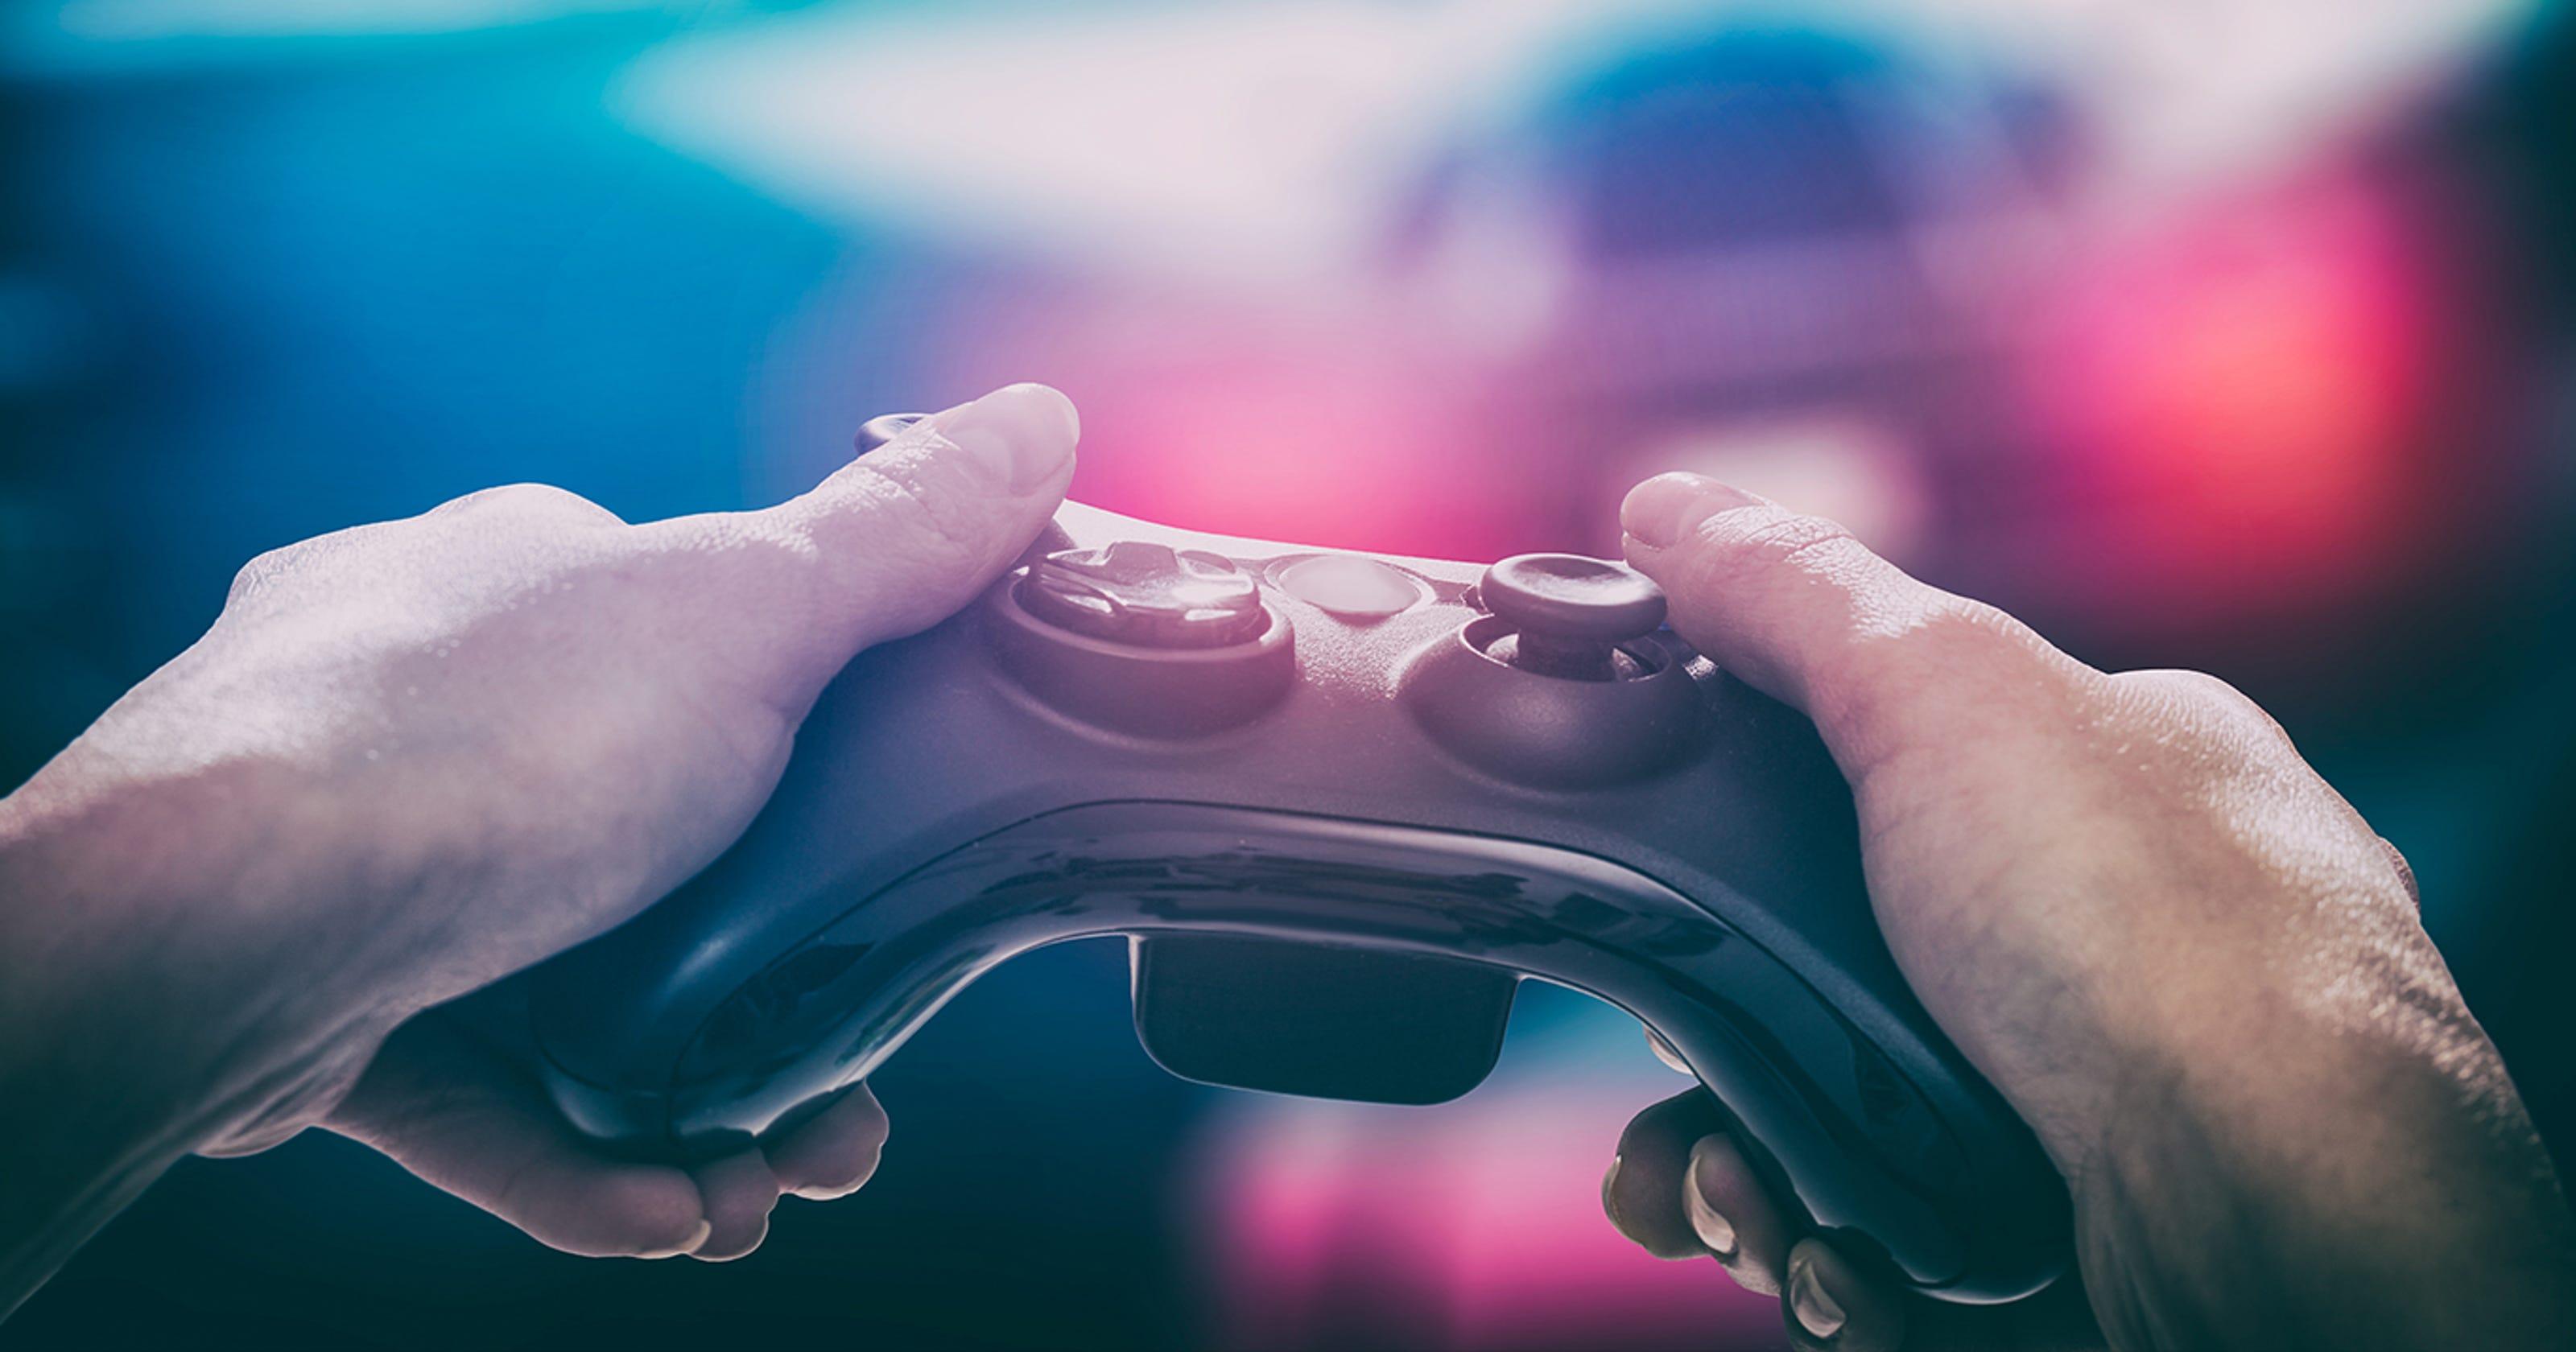 Violent Video Games Cause Behavior Problems Violent video g...